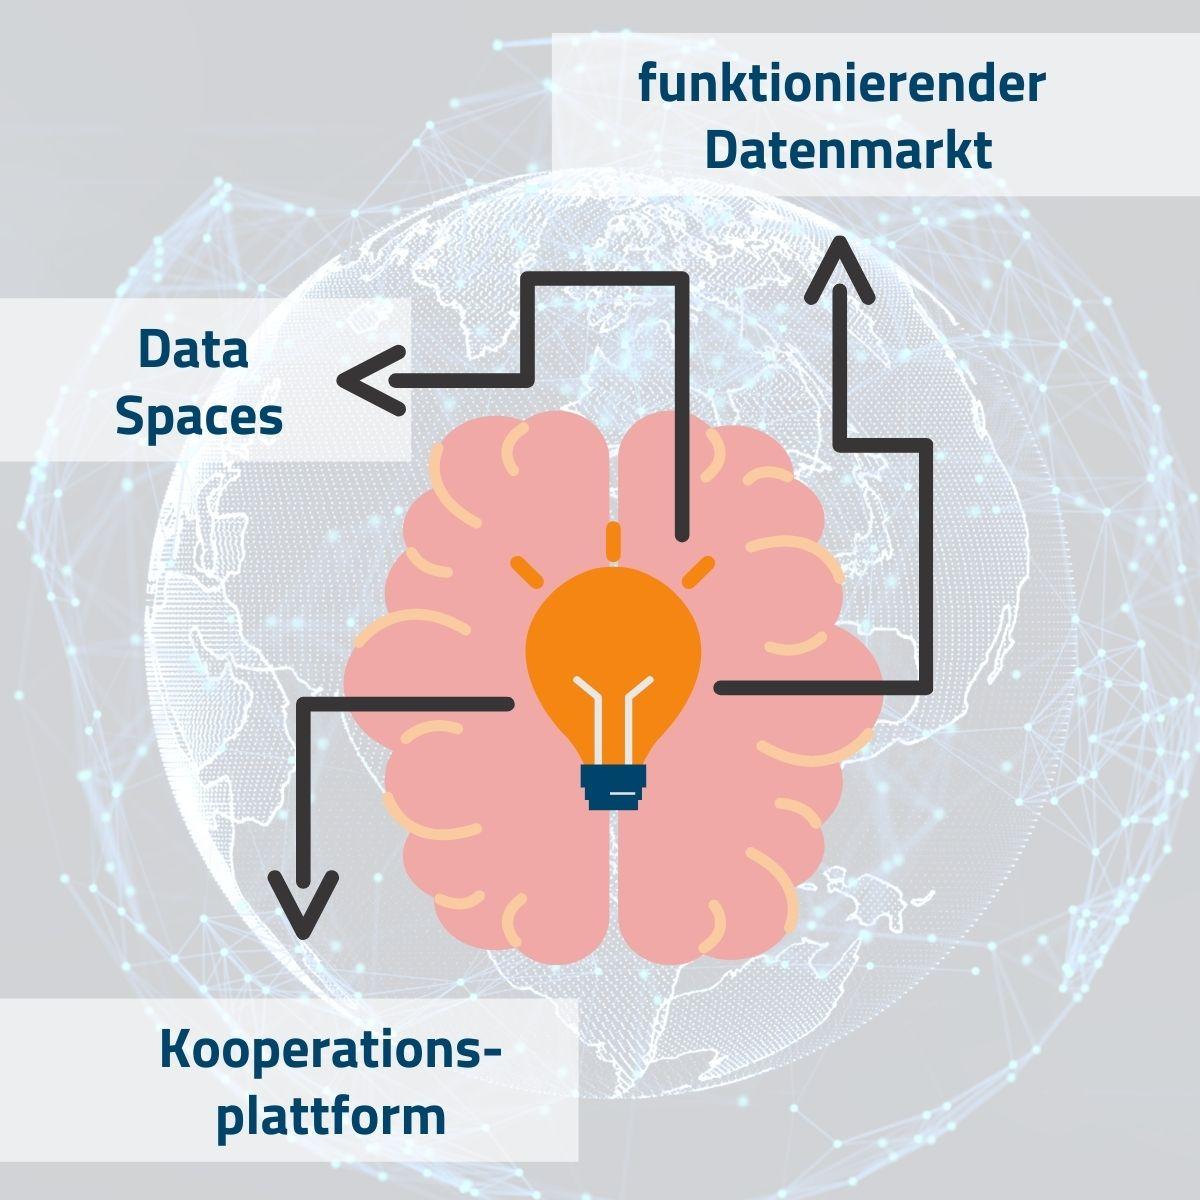 Gehirn, Glühbirne, Welt mit Netz im Hintergrund